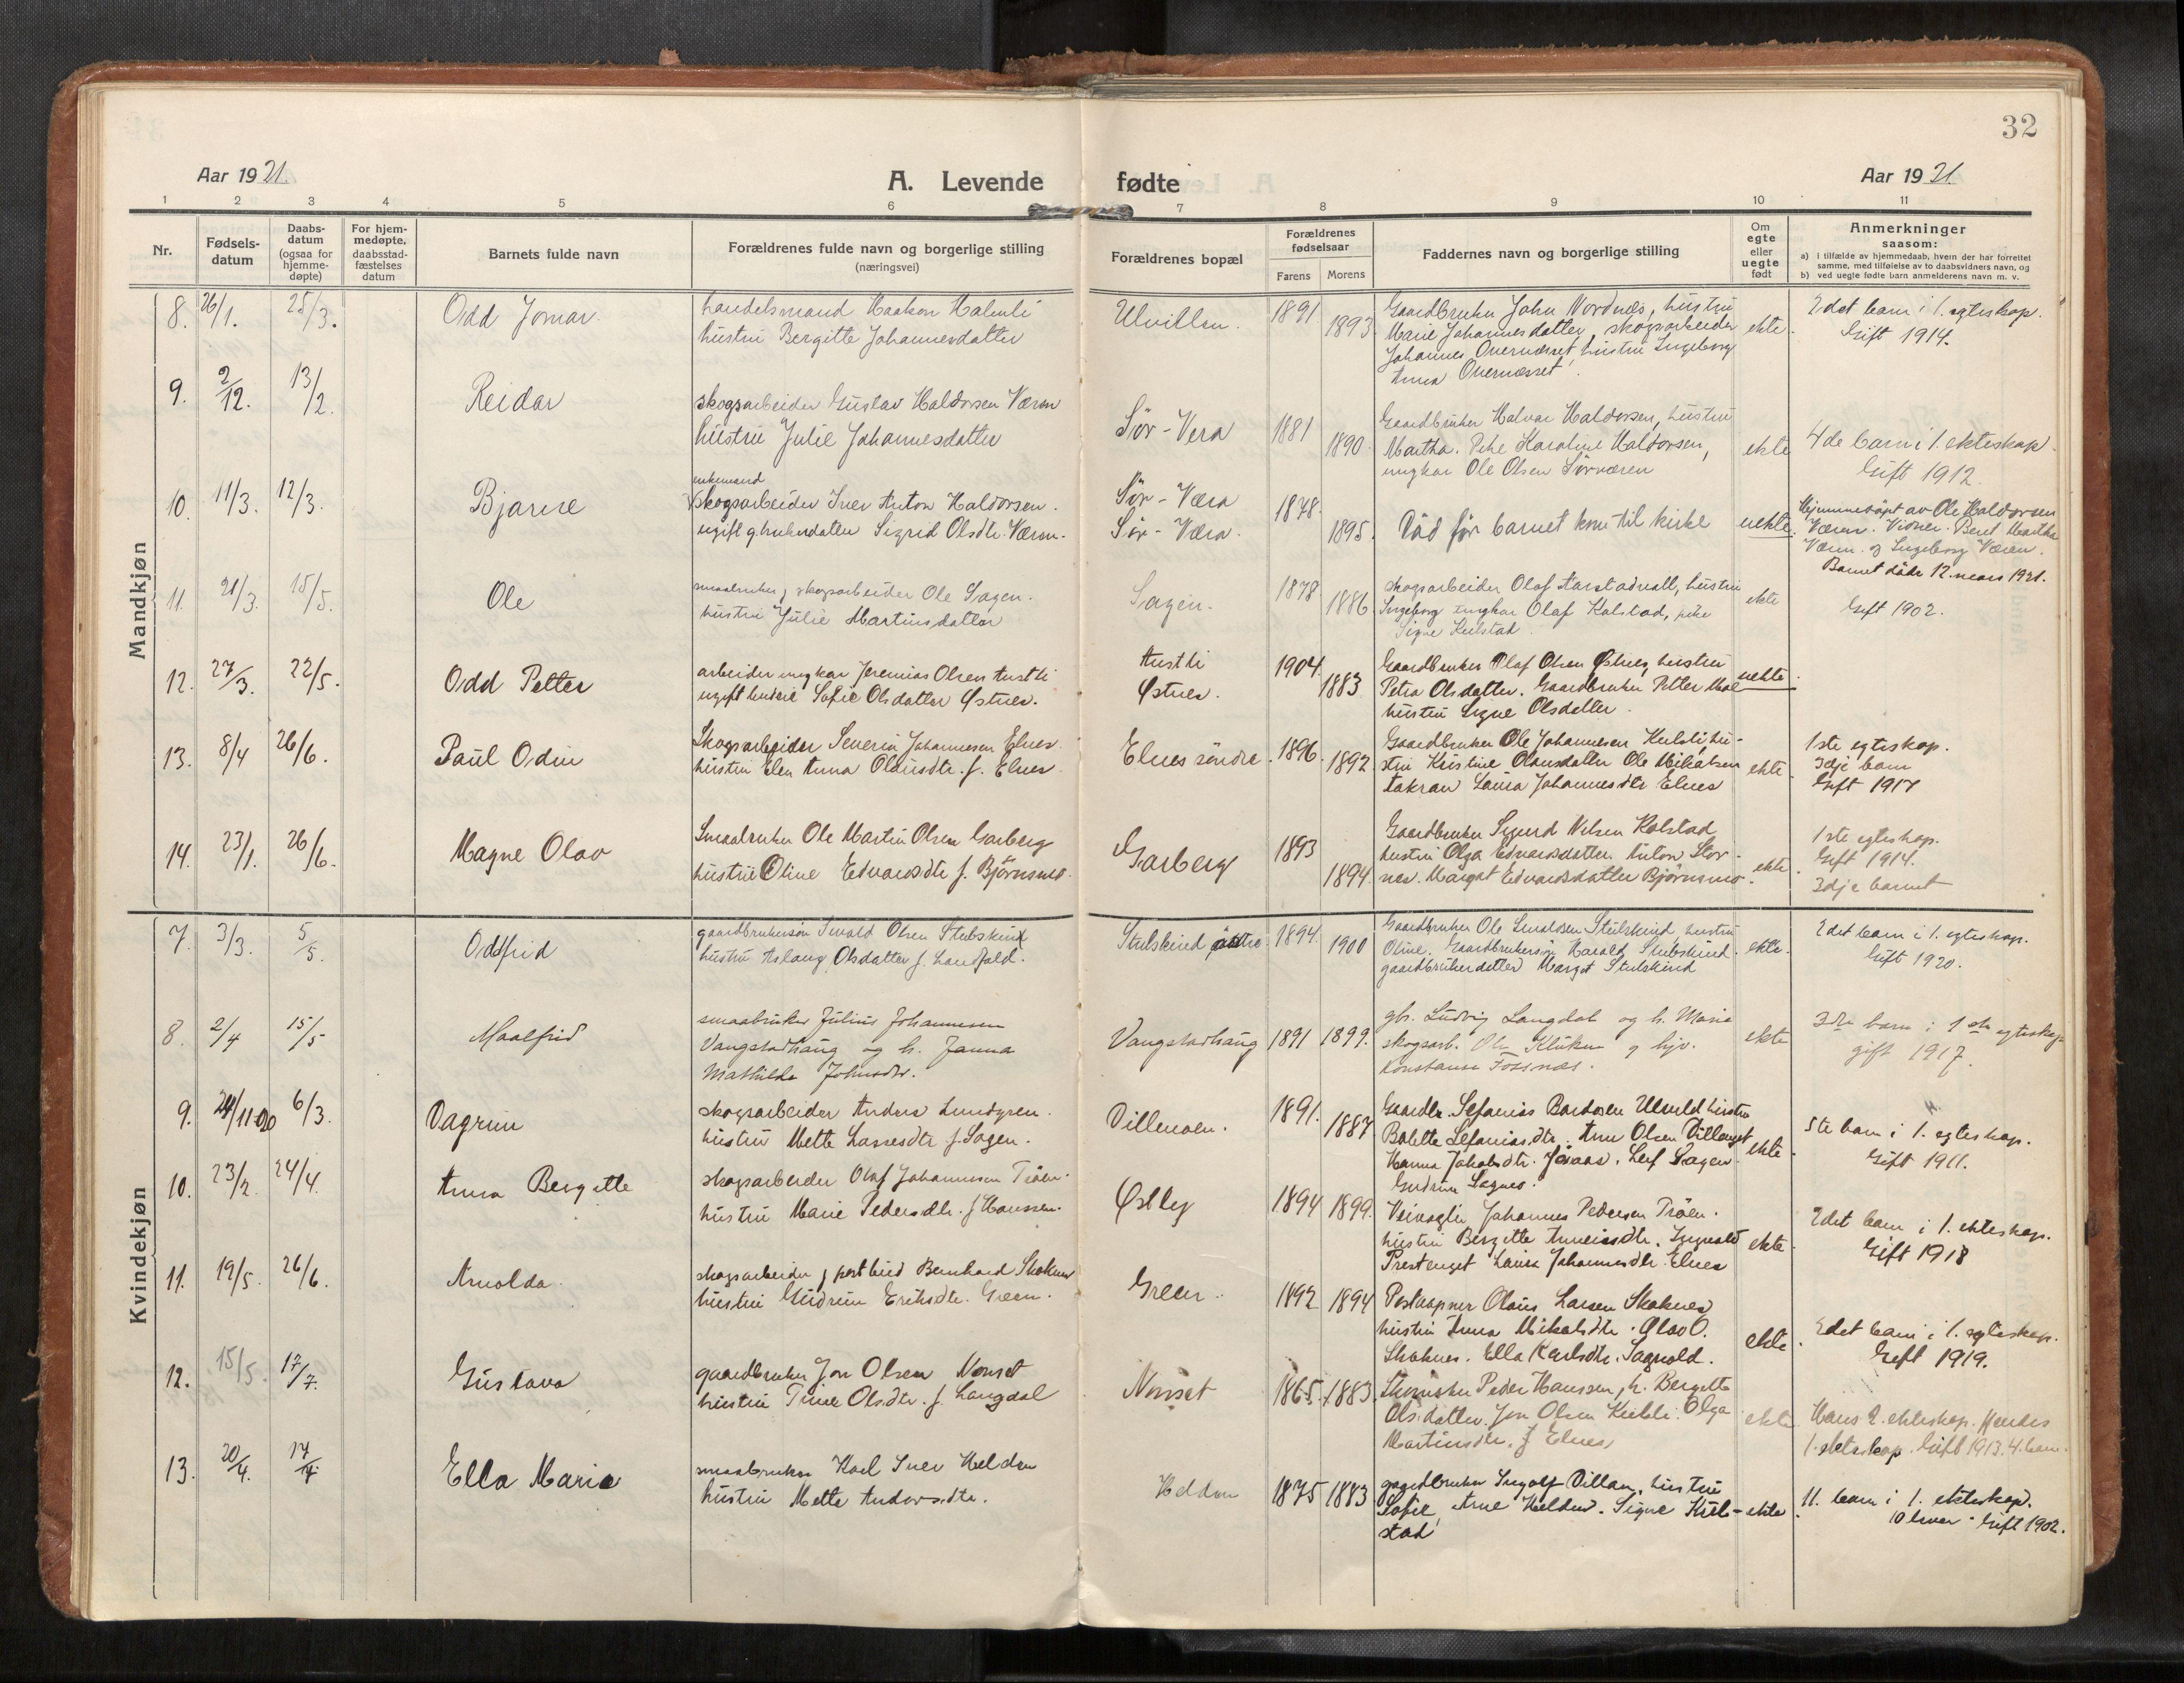 SAT, Verdal sokneprestkontor*, Ministerialbok nr. 1, 1916-1928, s. 32